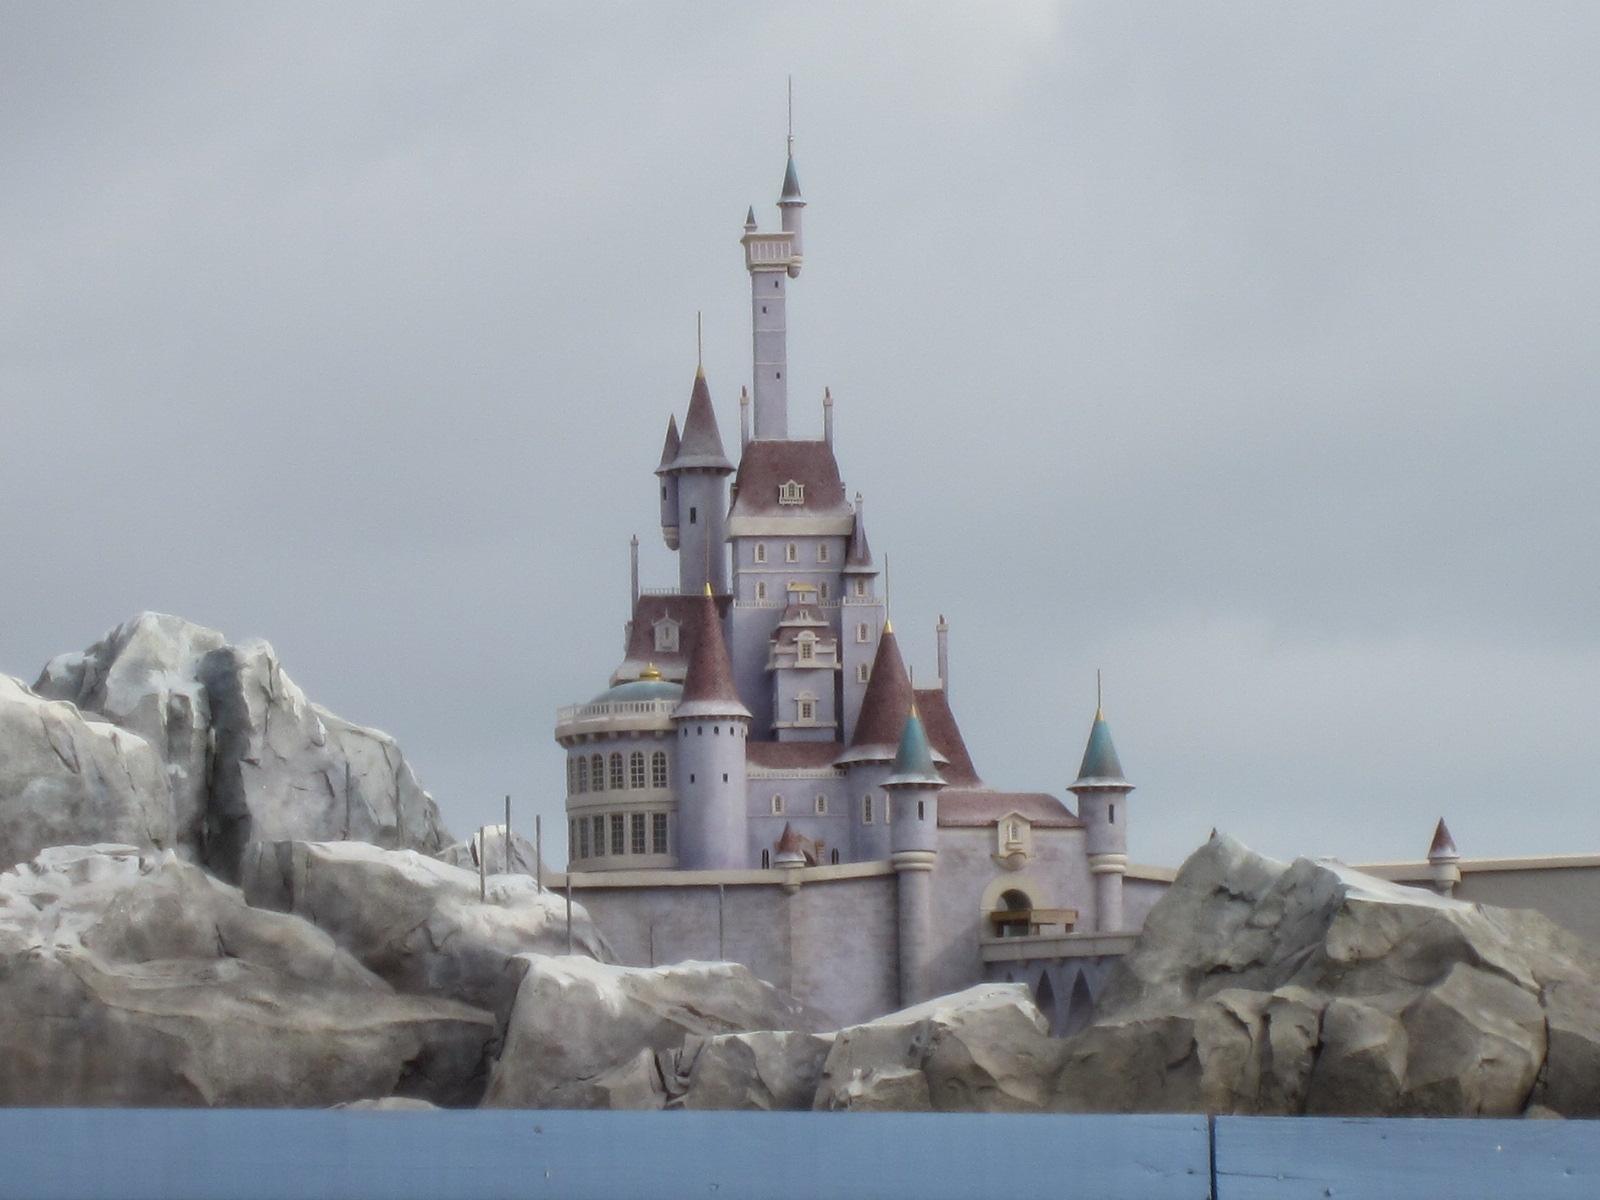 digital disney world ddw pic 242 beast castle under construction. Black Bedroom Furniture Sets. Home Design Ideas